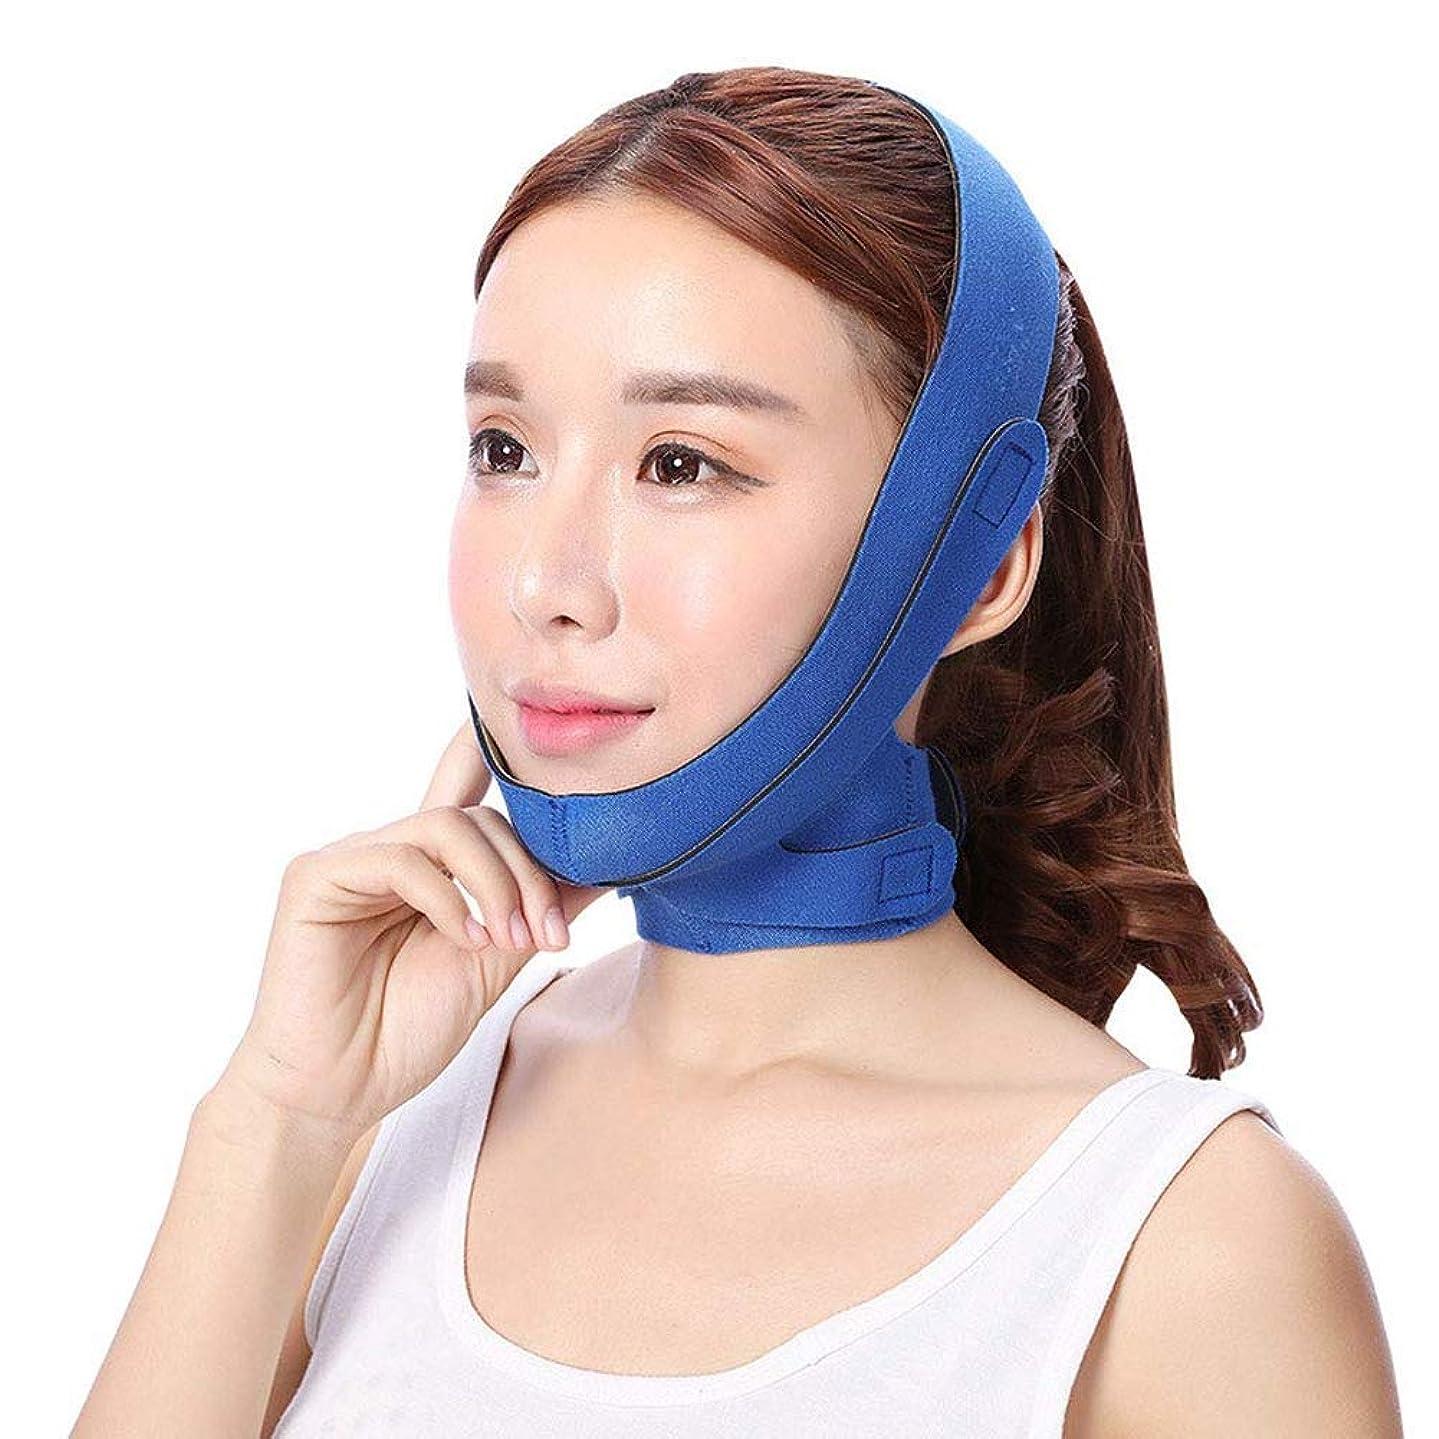 カカドゥエステートブルーベルフェイスリフティング包帯、薄いフェイスマスクVベルト/痩身包帯あご口腔マスク赤面